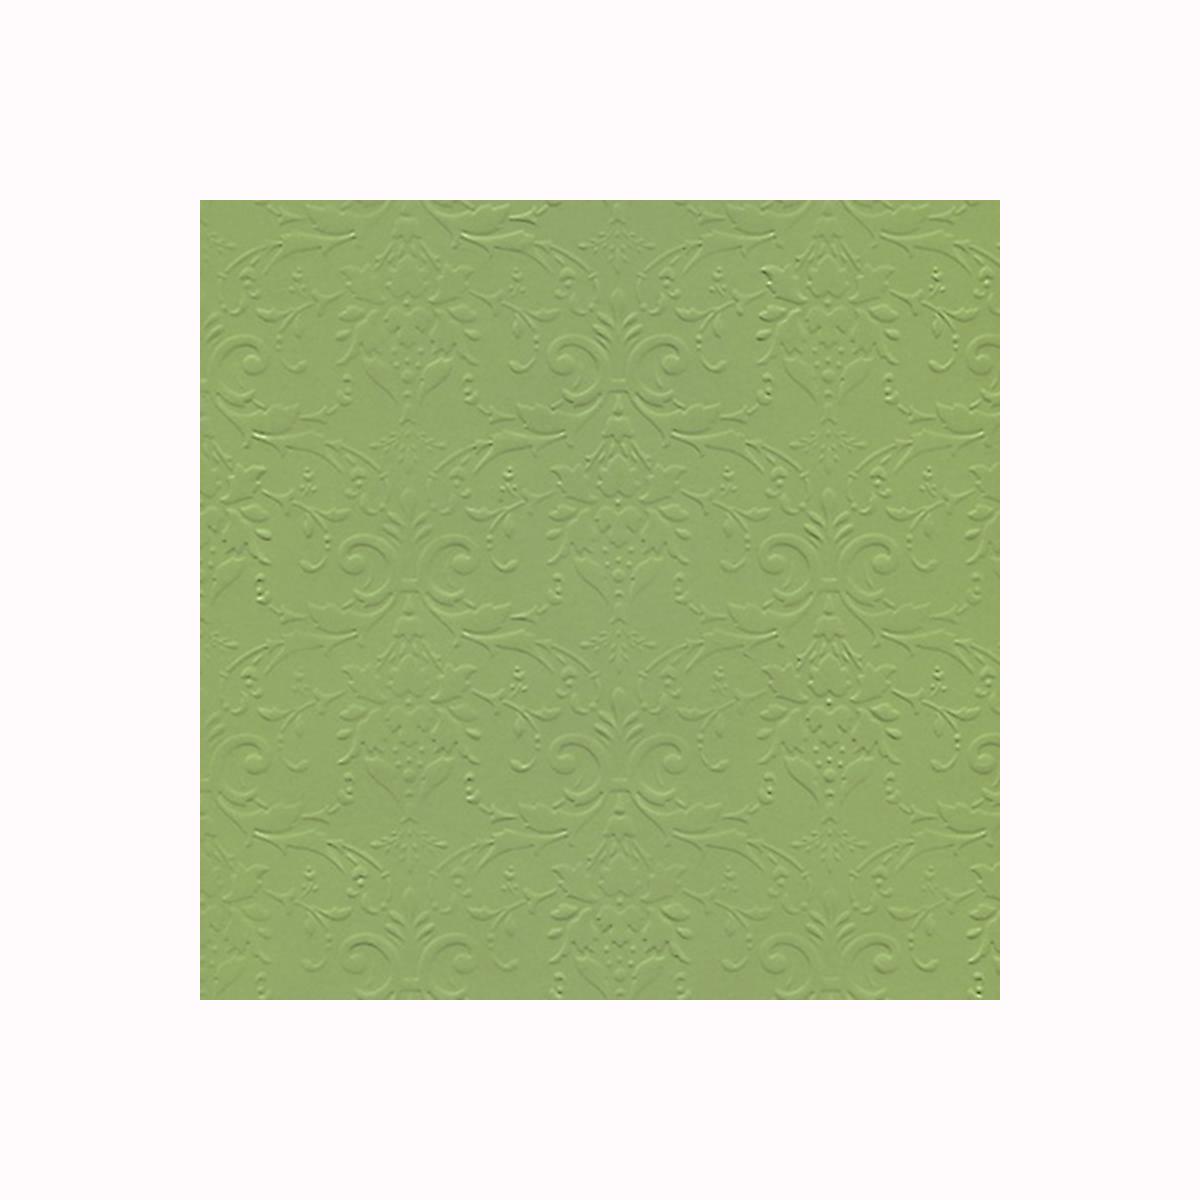 Бумага фактурная Лоза Дамасский узор, цвет: ярко-зеленый, 3 листаC0042416Фактурная бумага для скрапбукинга Лоза Дамасский узор позволит создать красивый альбом, фоторамку или открытку ручной работы, оформить подарок или аппликацию. Набор включает в себя 3 листа из плотной бумаги.Скрапбукинг - это хобби, которое способно приносить массу приятных эмоций не только человеку, который этим занимается, но и его близким, друзьям, родным. Это невероятно увлекательное занятие, которое поможет вам сохранить наиболее памятные и яркие моменты вашей жизни, а также интересно оформить интерьер дома. Плотность бумаги: 200 г/м2.